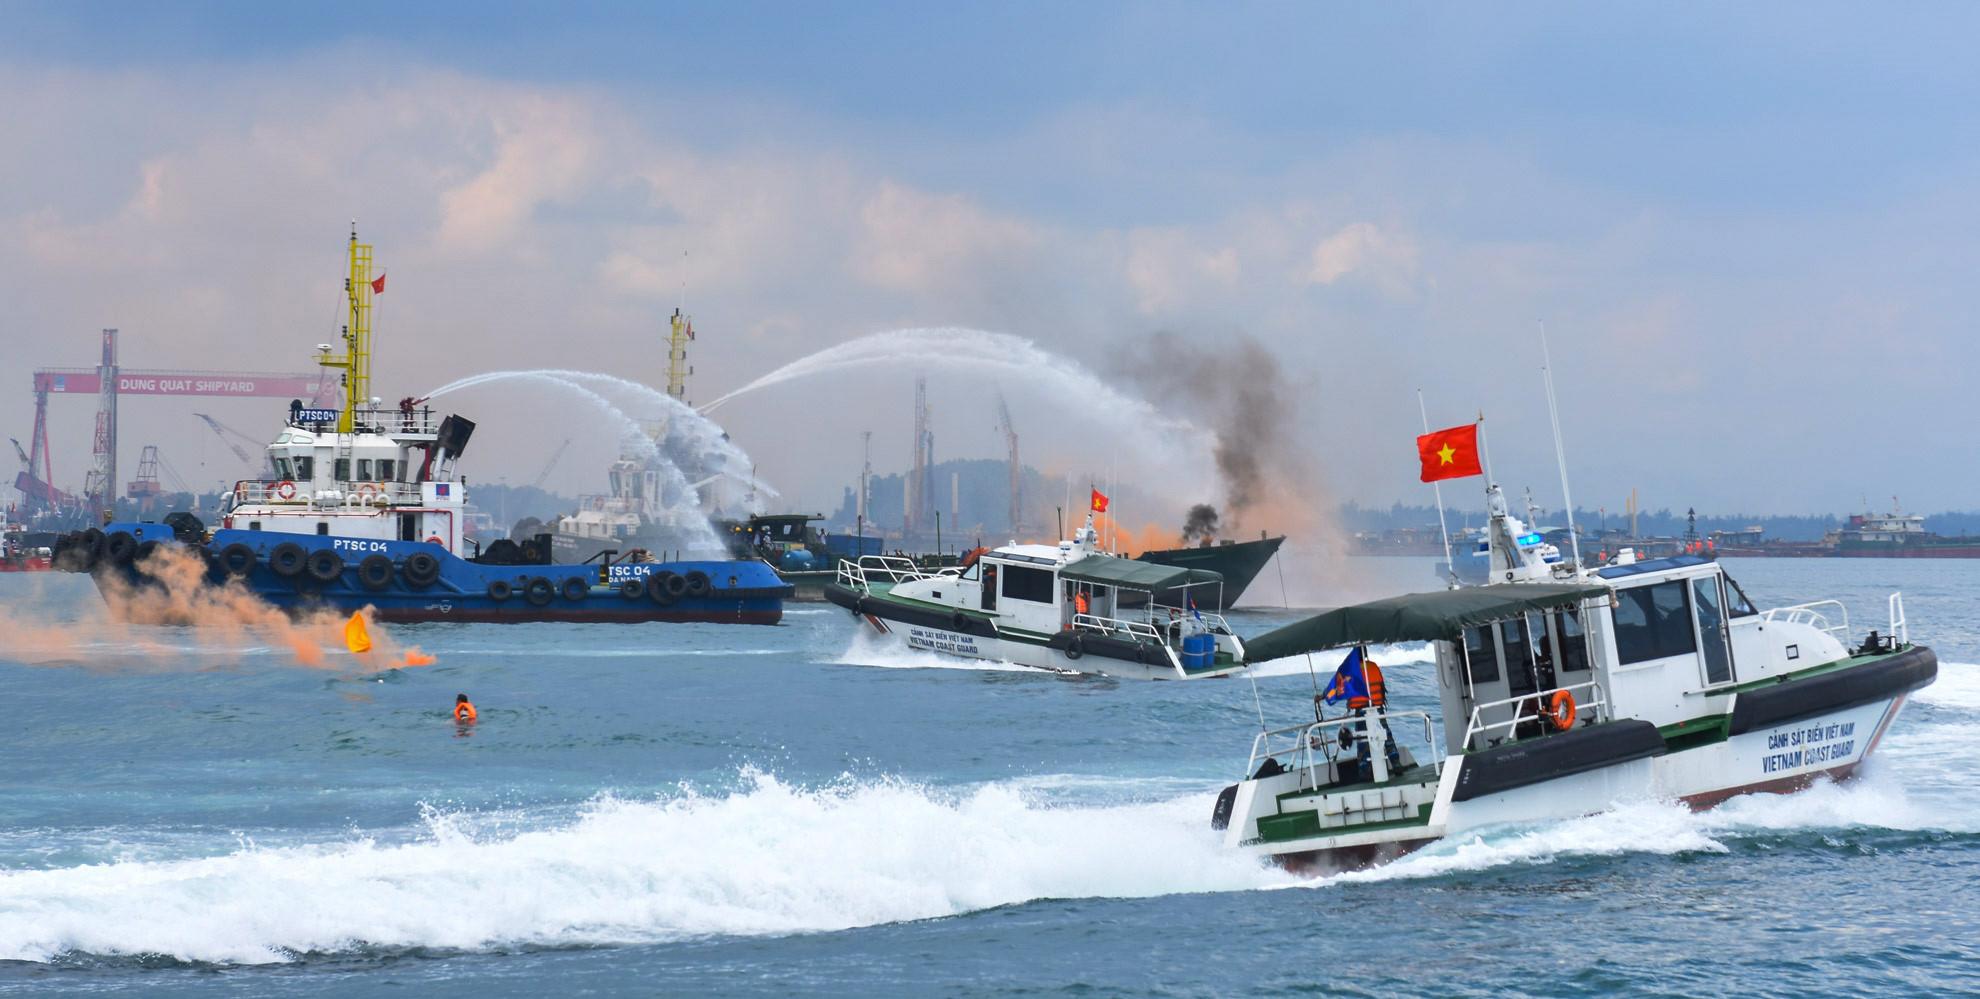 Thủ tướng yêu cầu triển khai việc thi hành Luật Cảnh sát biển Việt Nam Ảnh 1